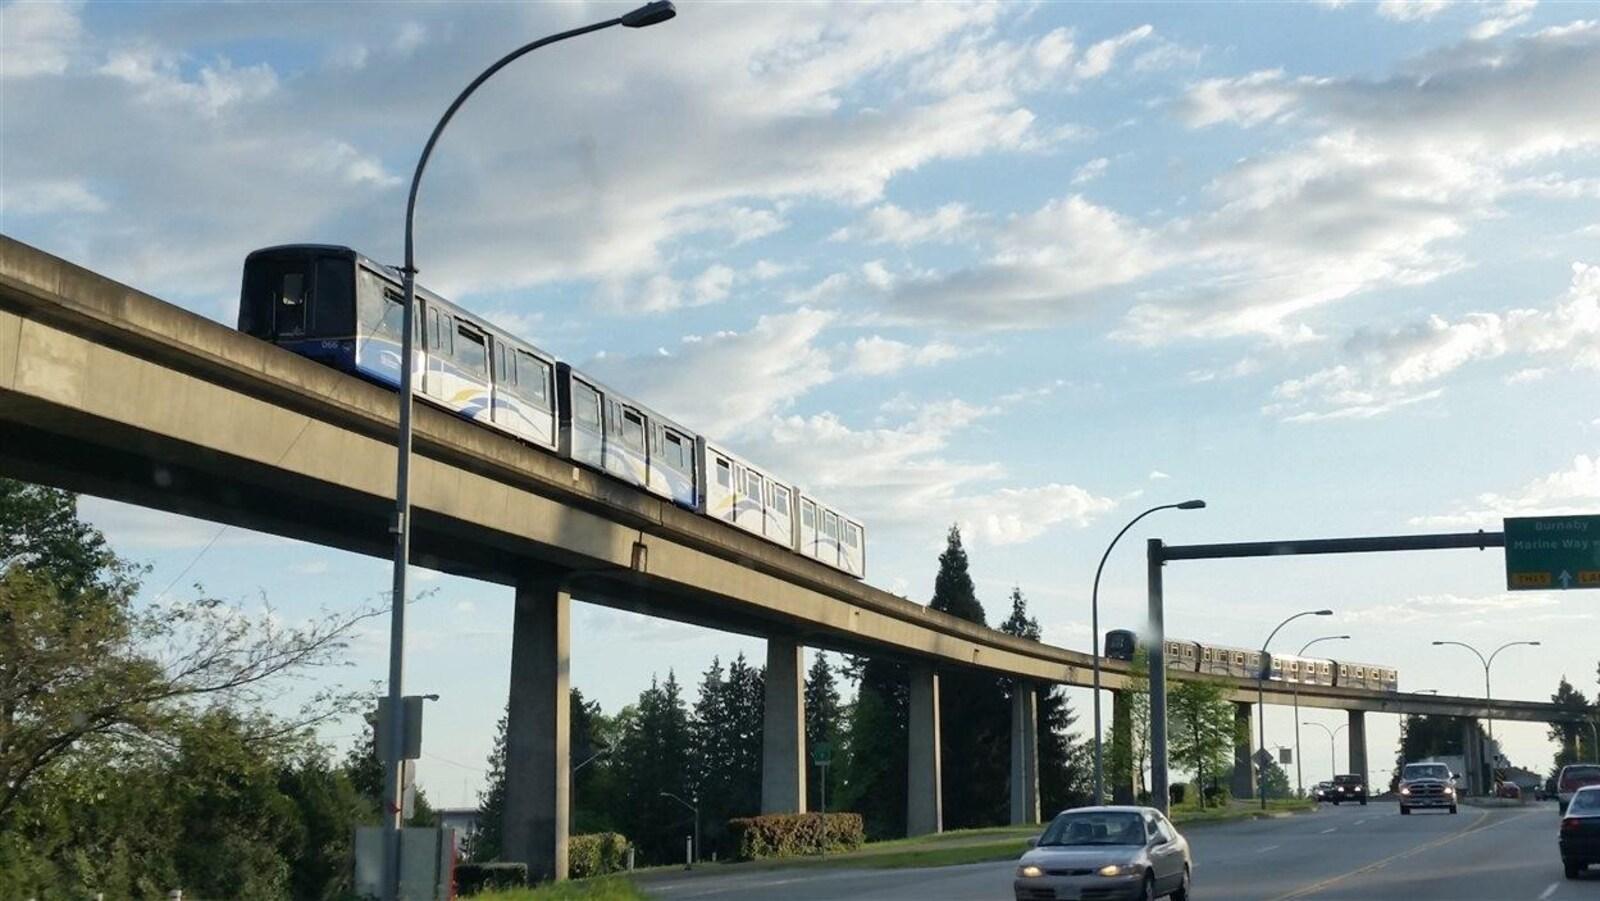 Deux trains du réseau de Skytrain de TransLink circulent au-dessus d'une rue sur laquelle passent des voitures.